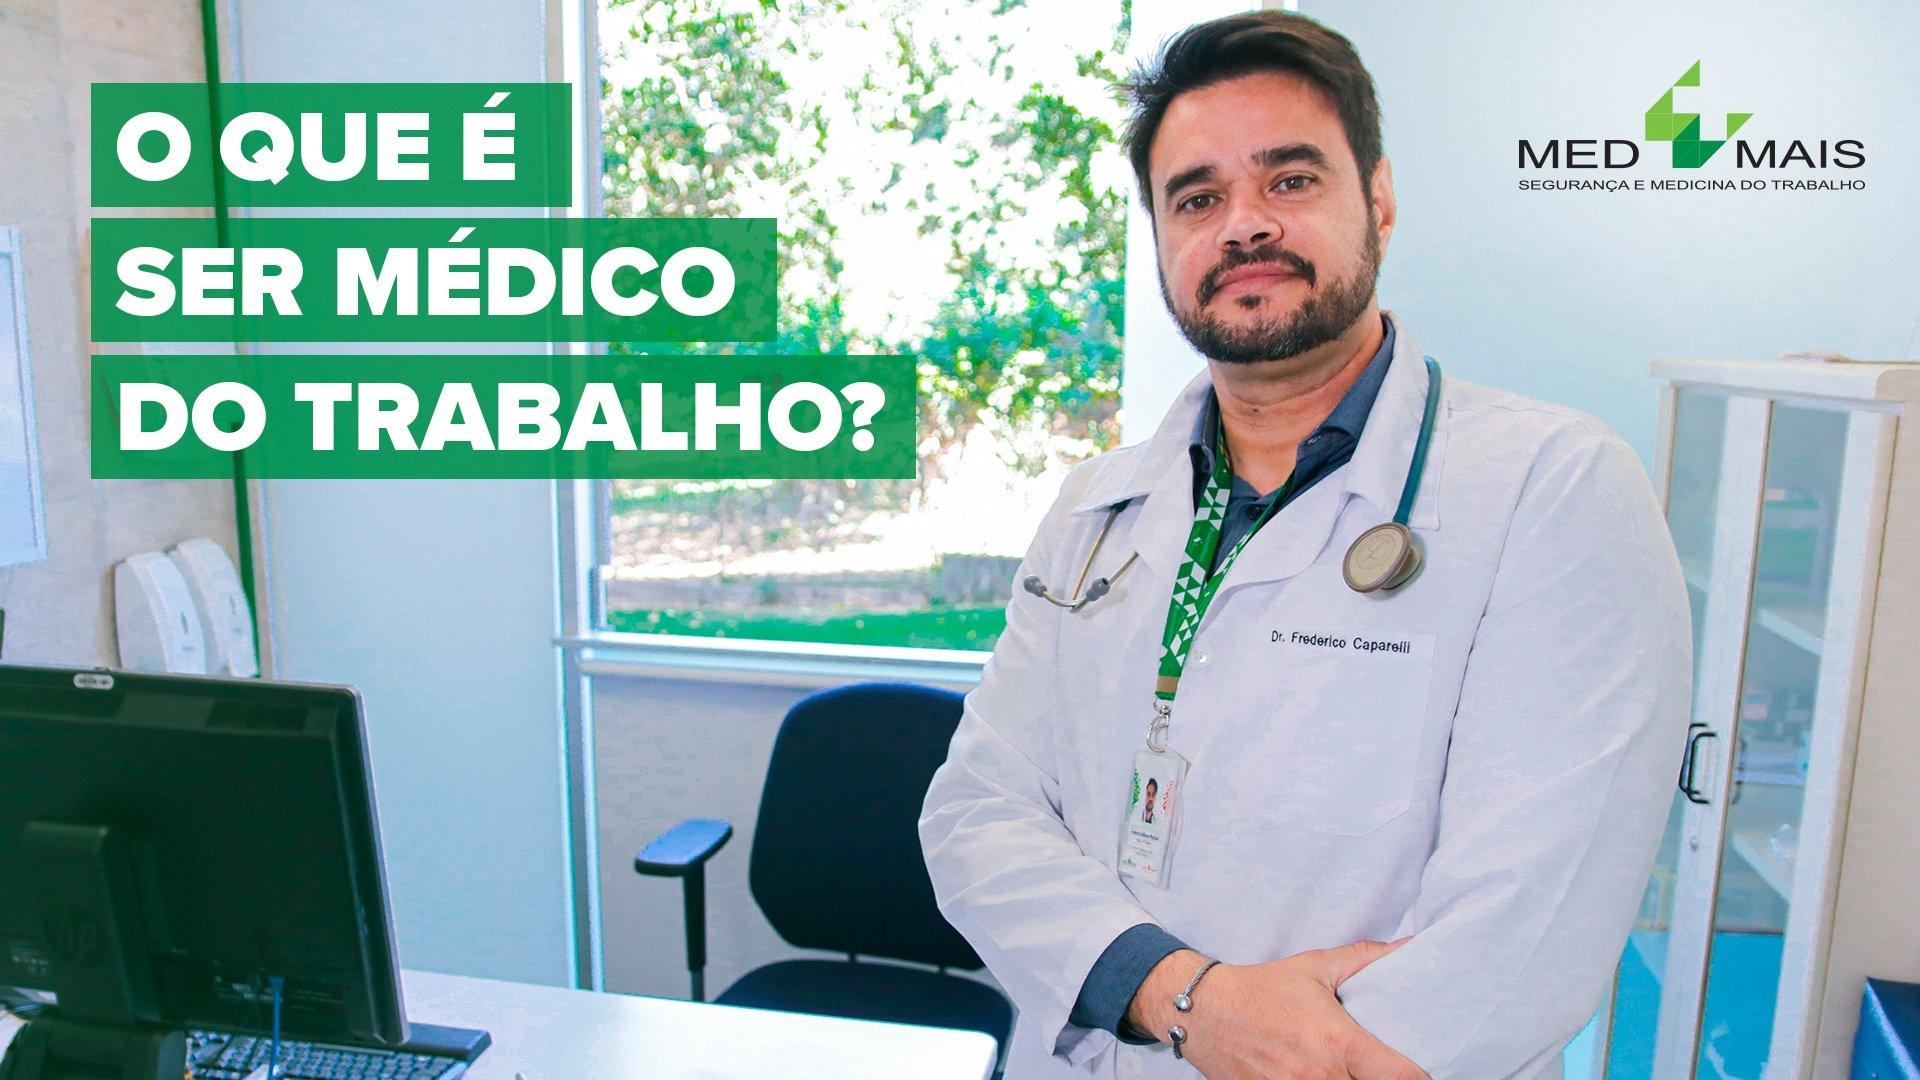 O que é ser médico do trabalho?